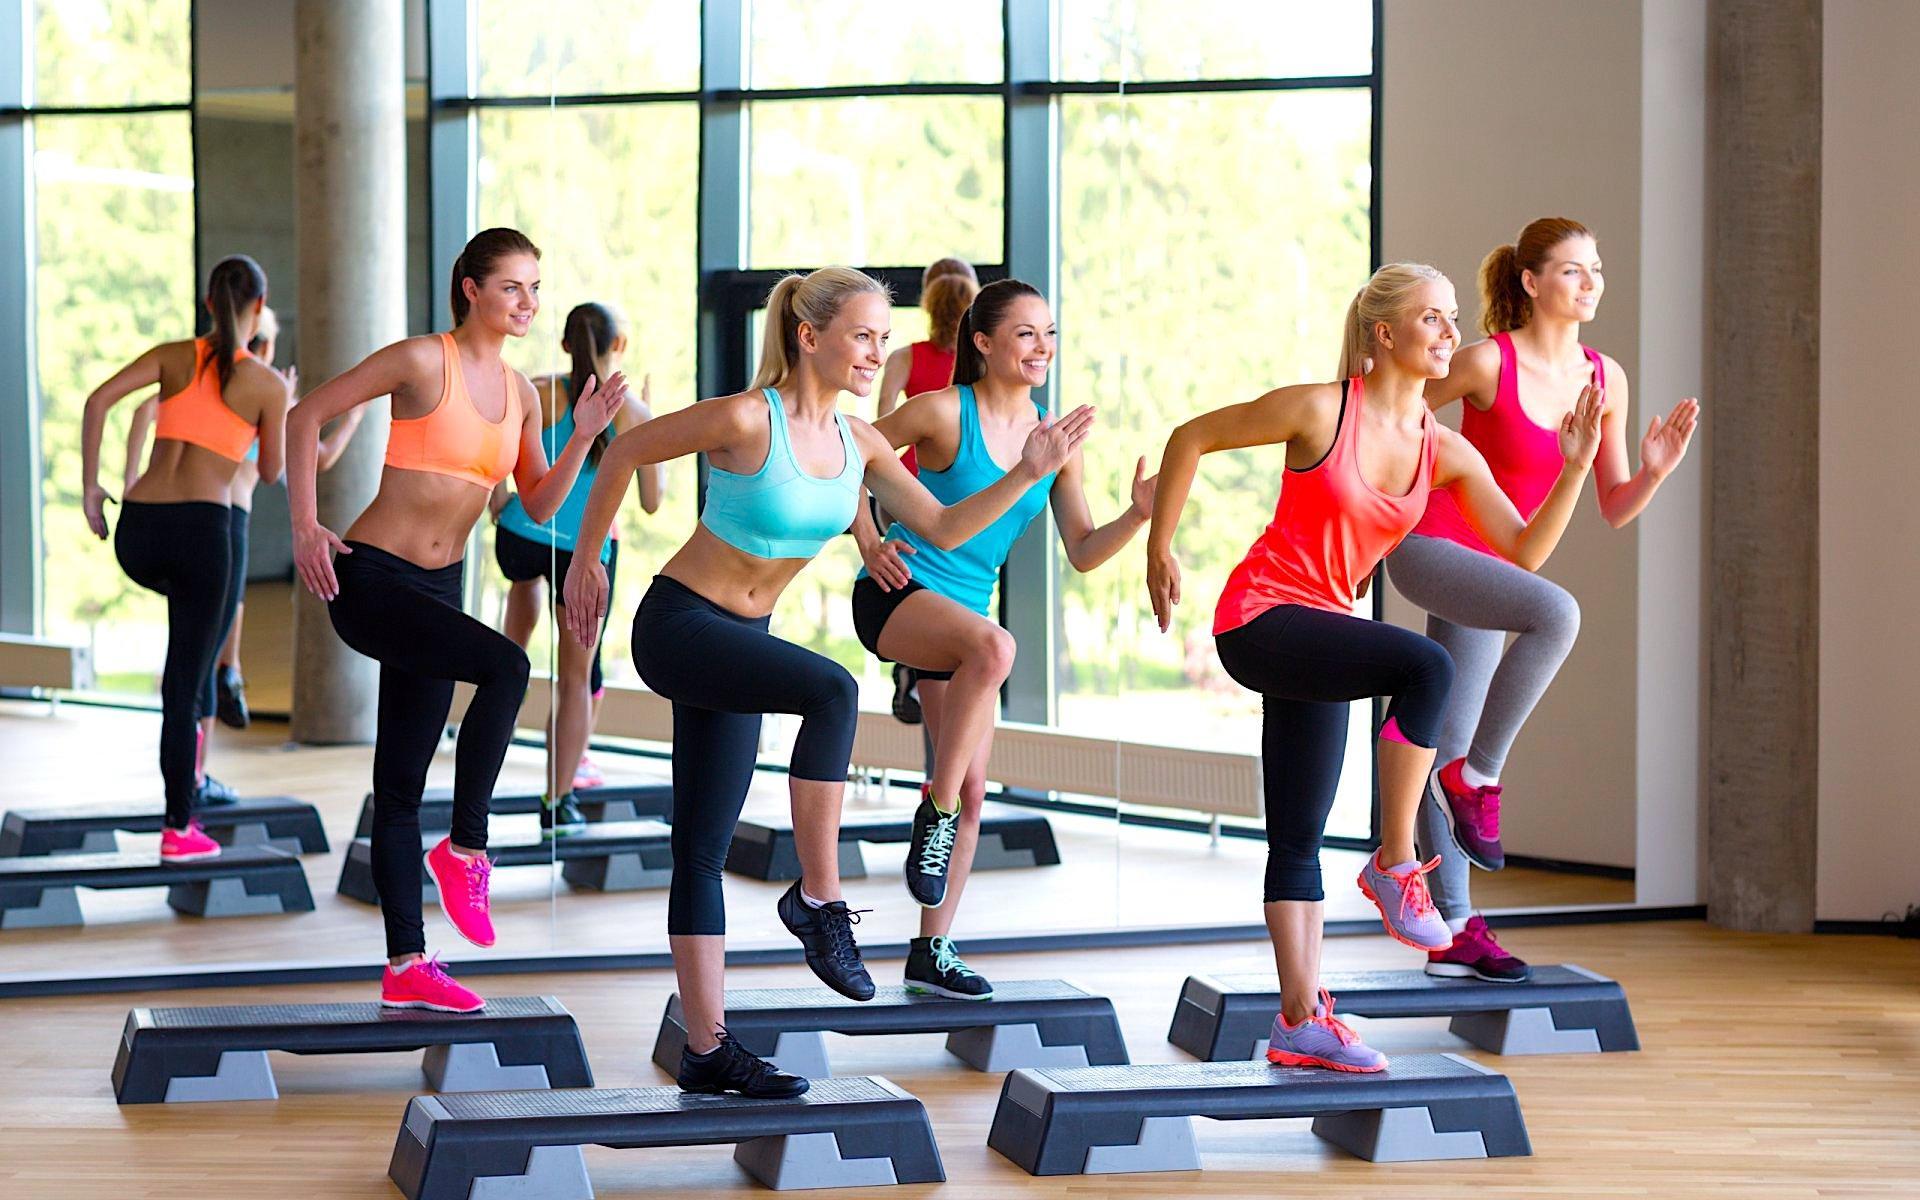 Силовые тренировки: виды, круговая, на выносливость, сокращенный тренинг, аэробная, короткая программа, с собственным весом